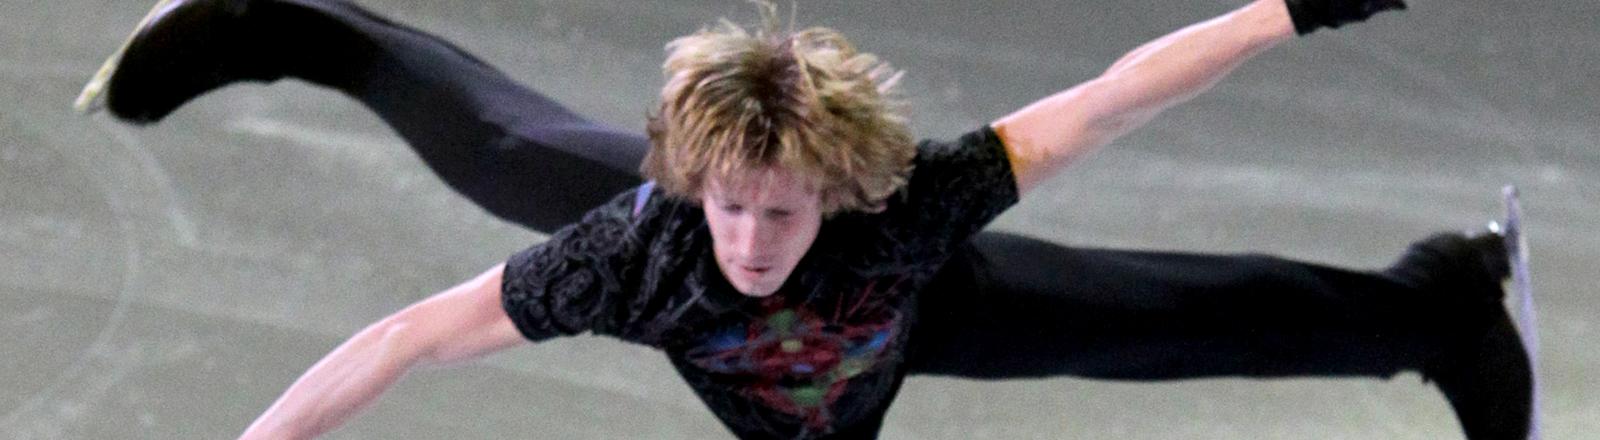 Ein Mann springt auf Schlitschuhen in die Luft